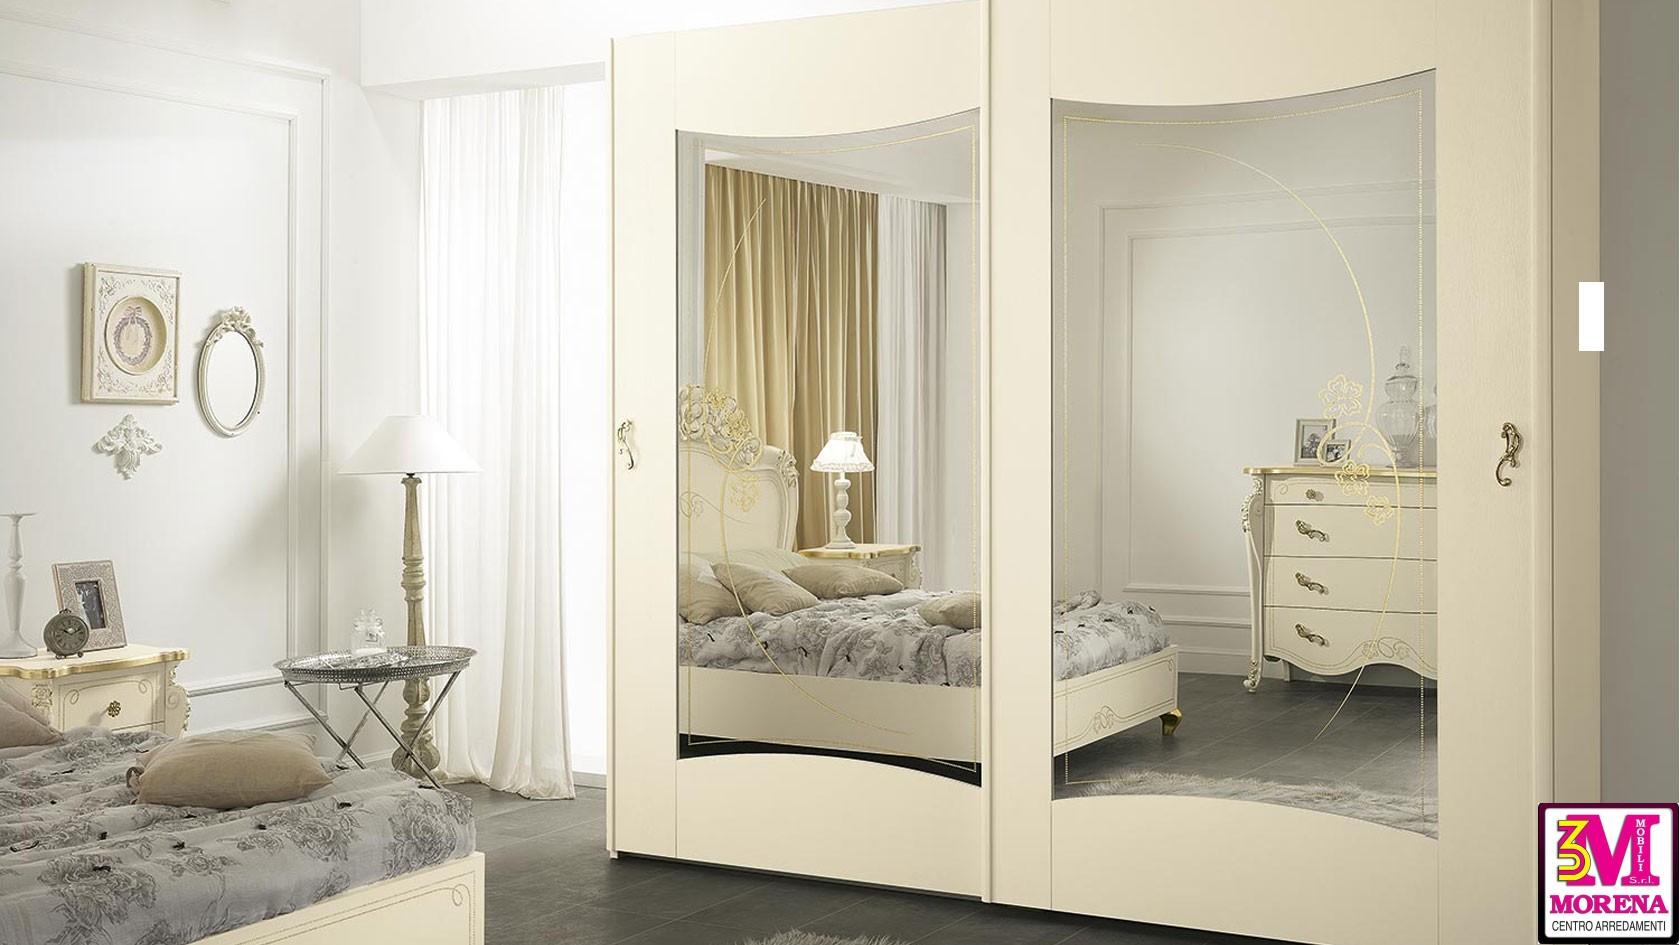 Camera da letto viola luxor - Camera da letto moderna viola ...